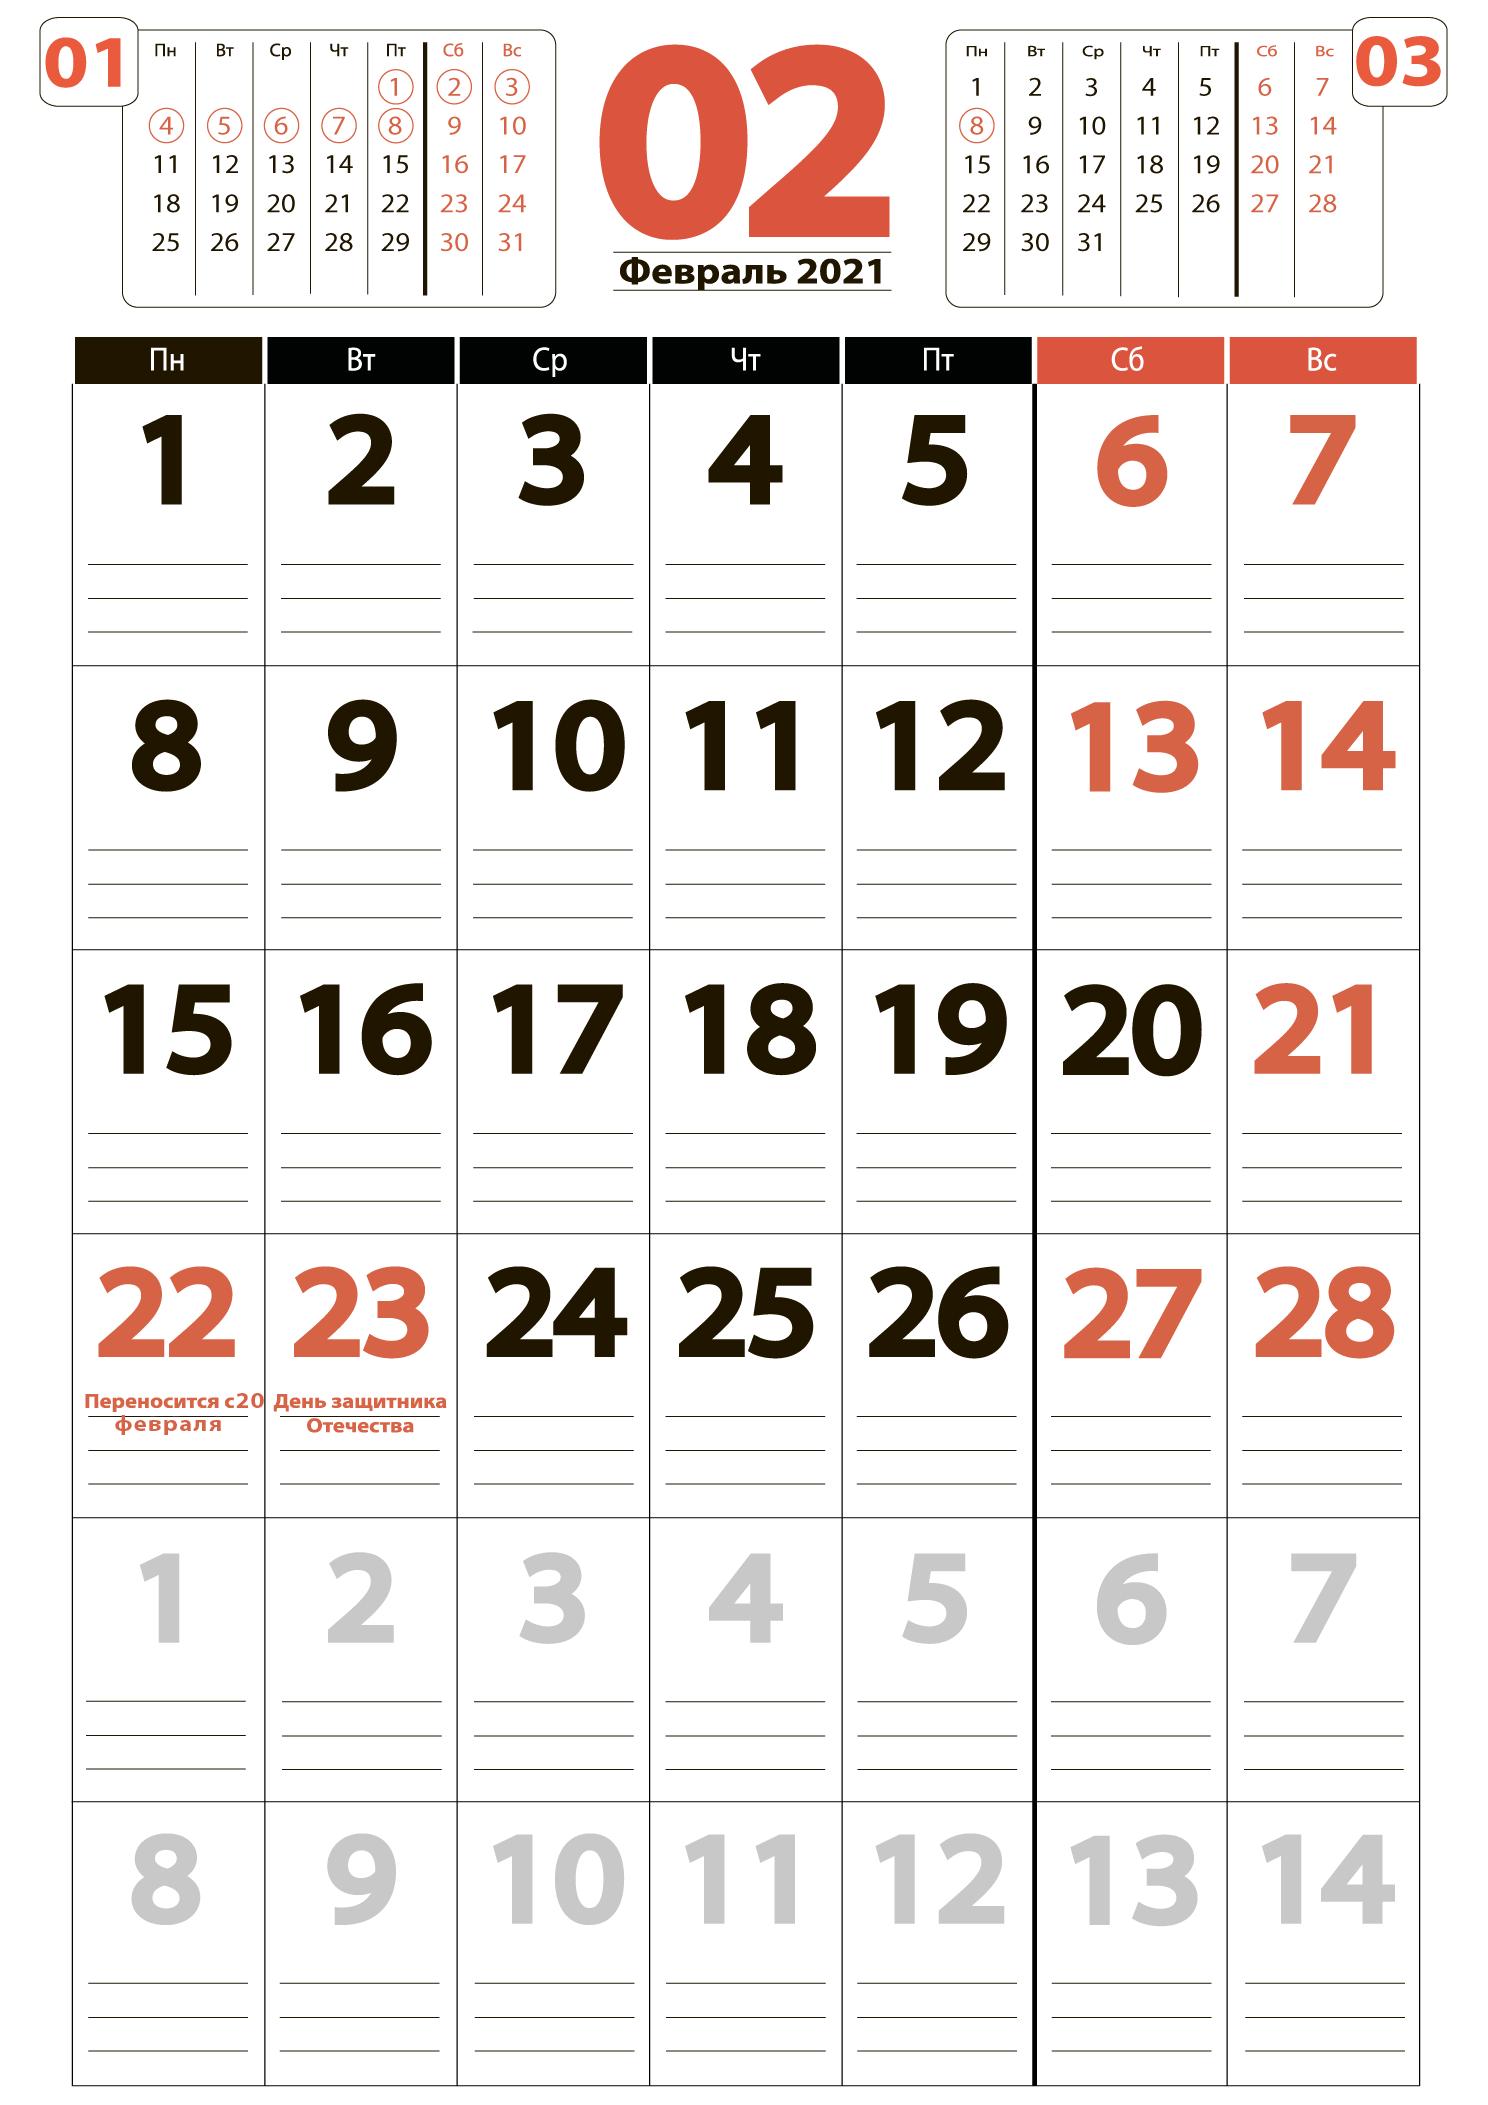 Печать крупного календаря на февраль 2021